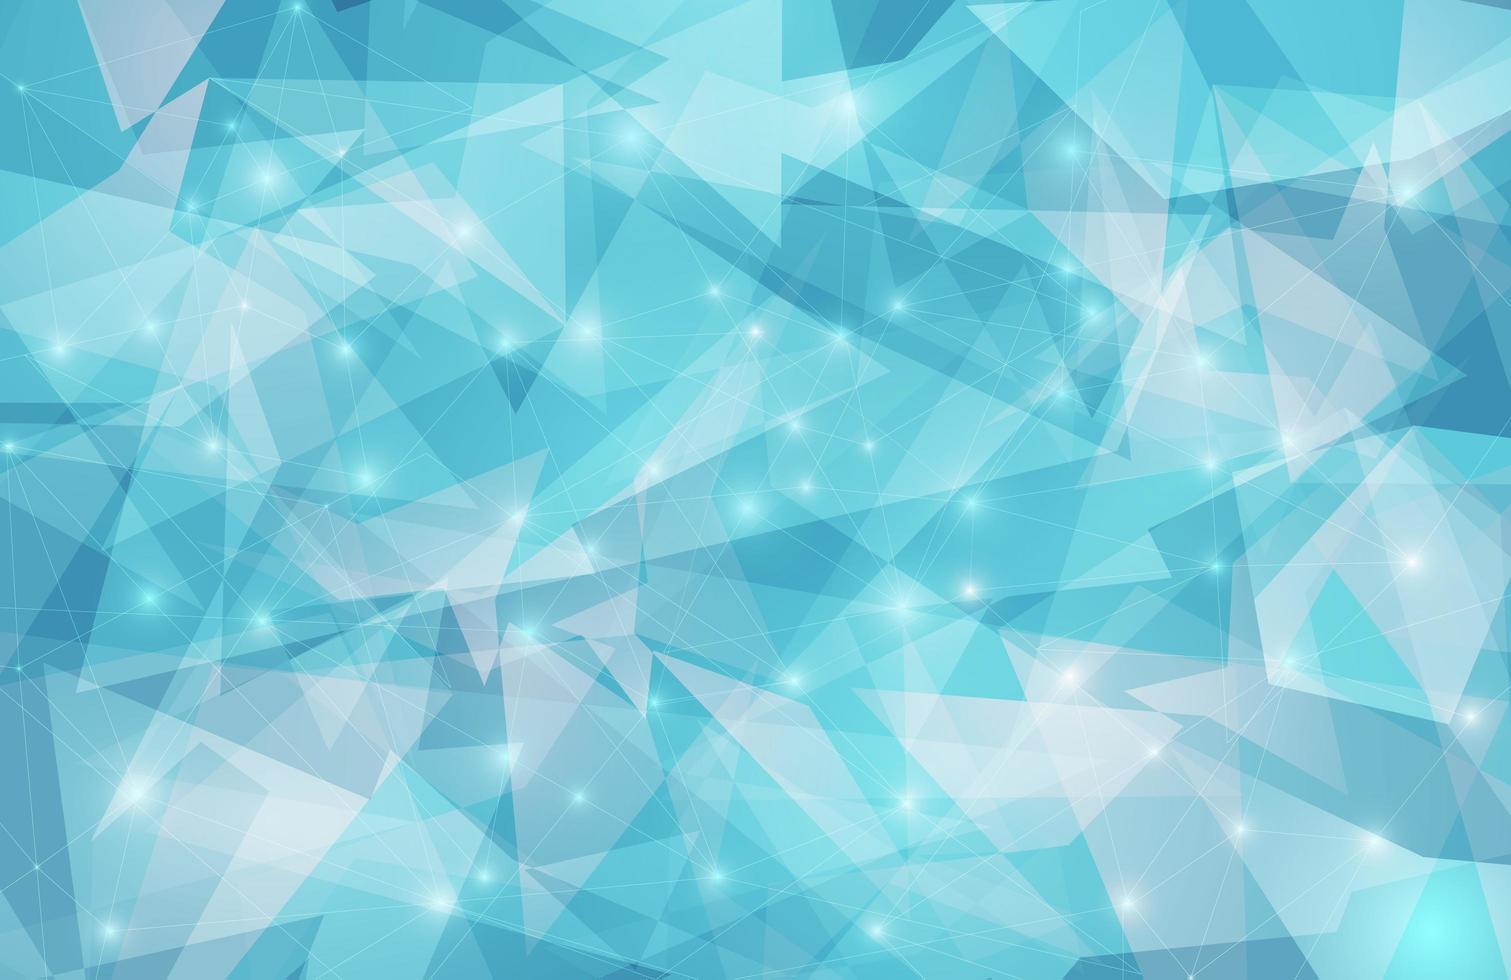 blå glitter triangel mönster design vektor